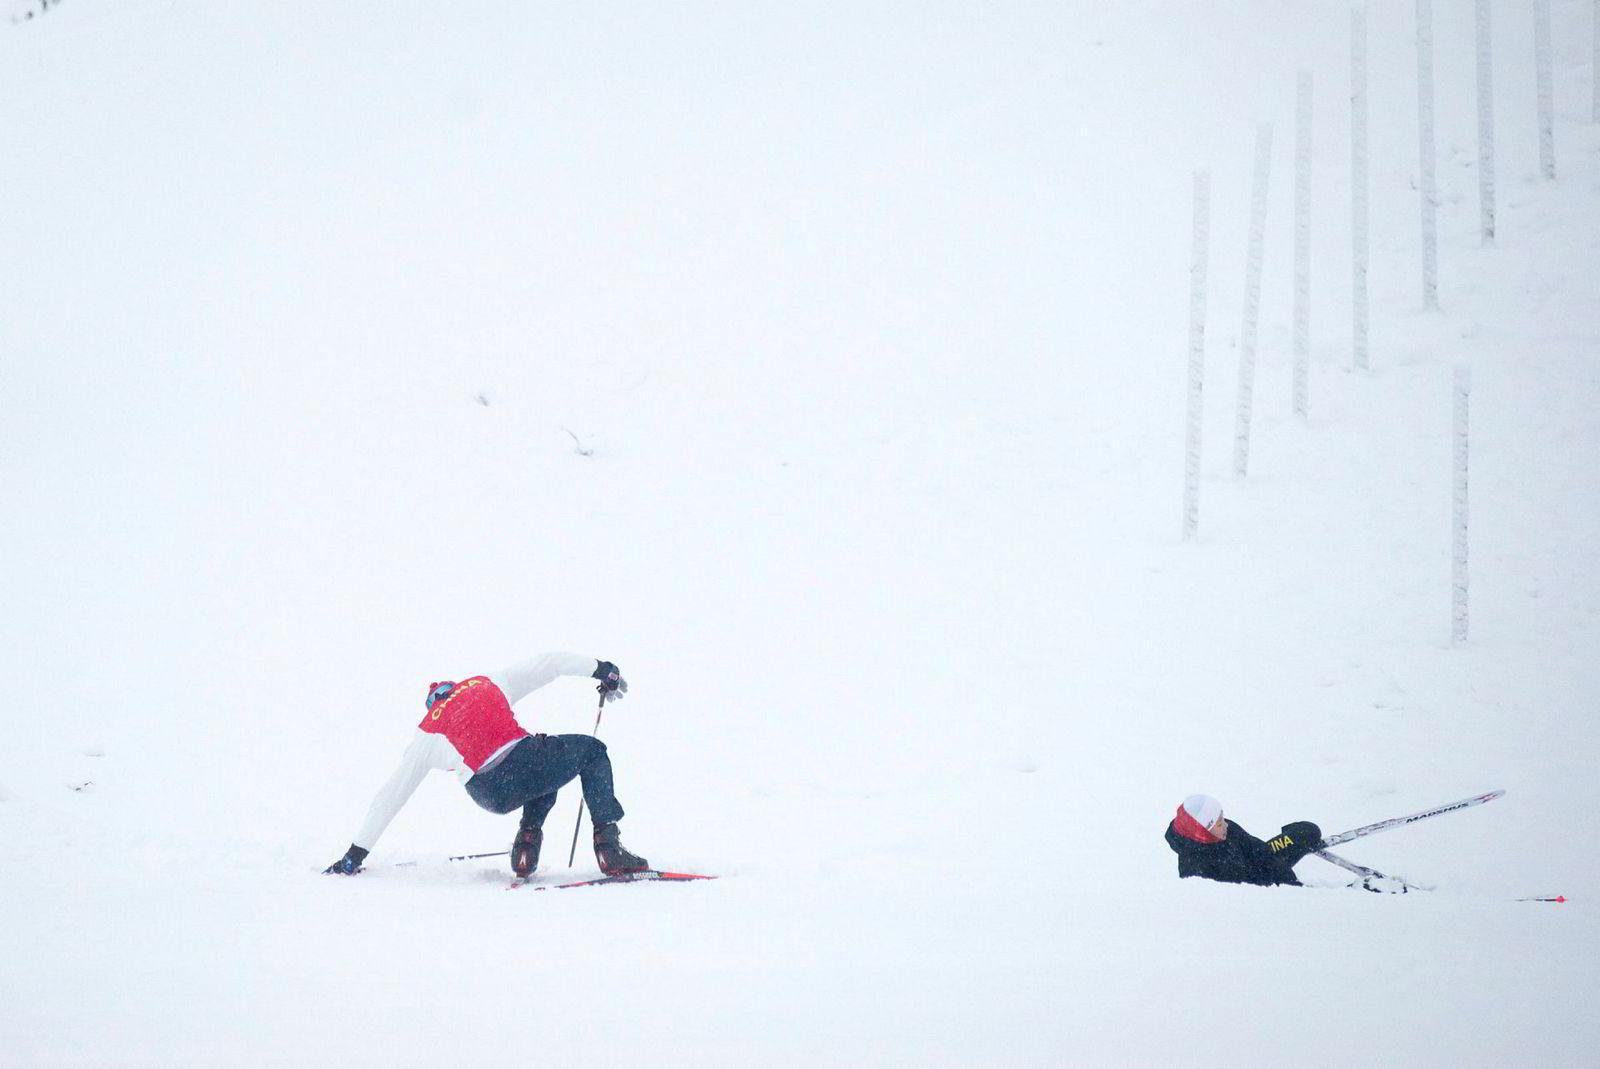 Kineserne blir stadig bedre på ski. Å feile, er veien til suksess. Ordet krise inneholder forresten to tegn på kinesisk, der det ene står for fare og det andre betyr mulighet.